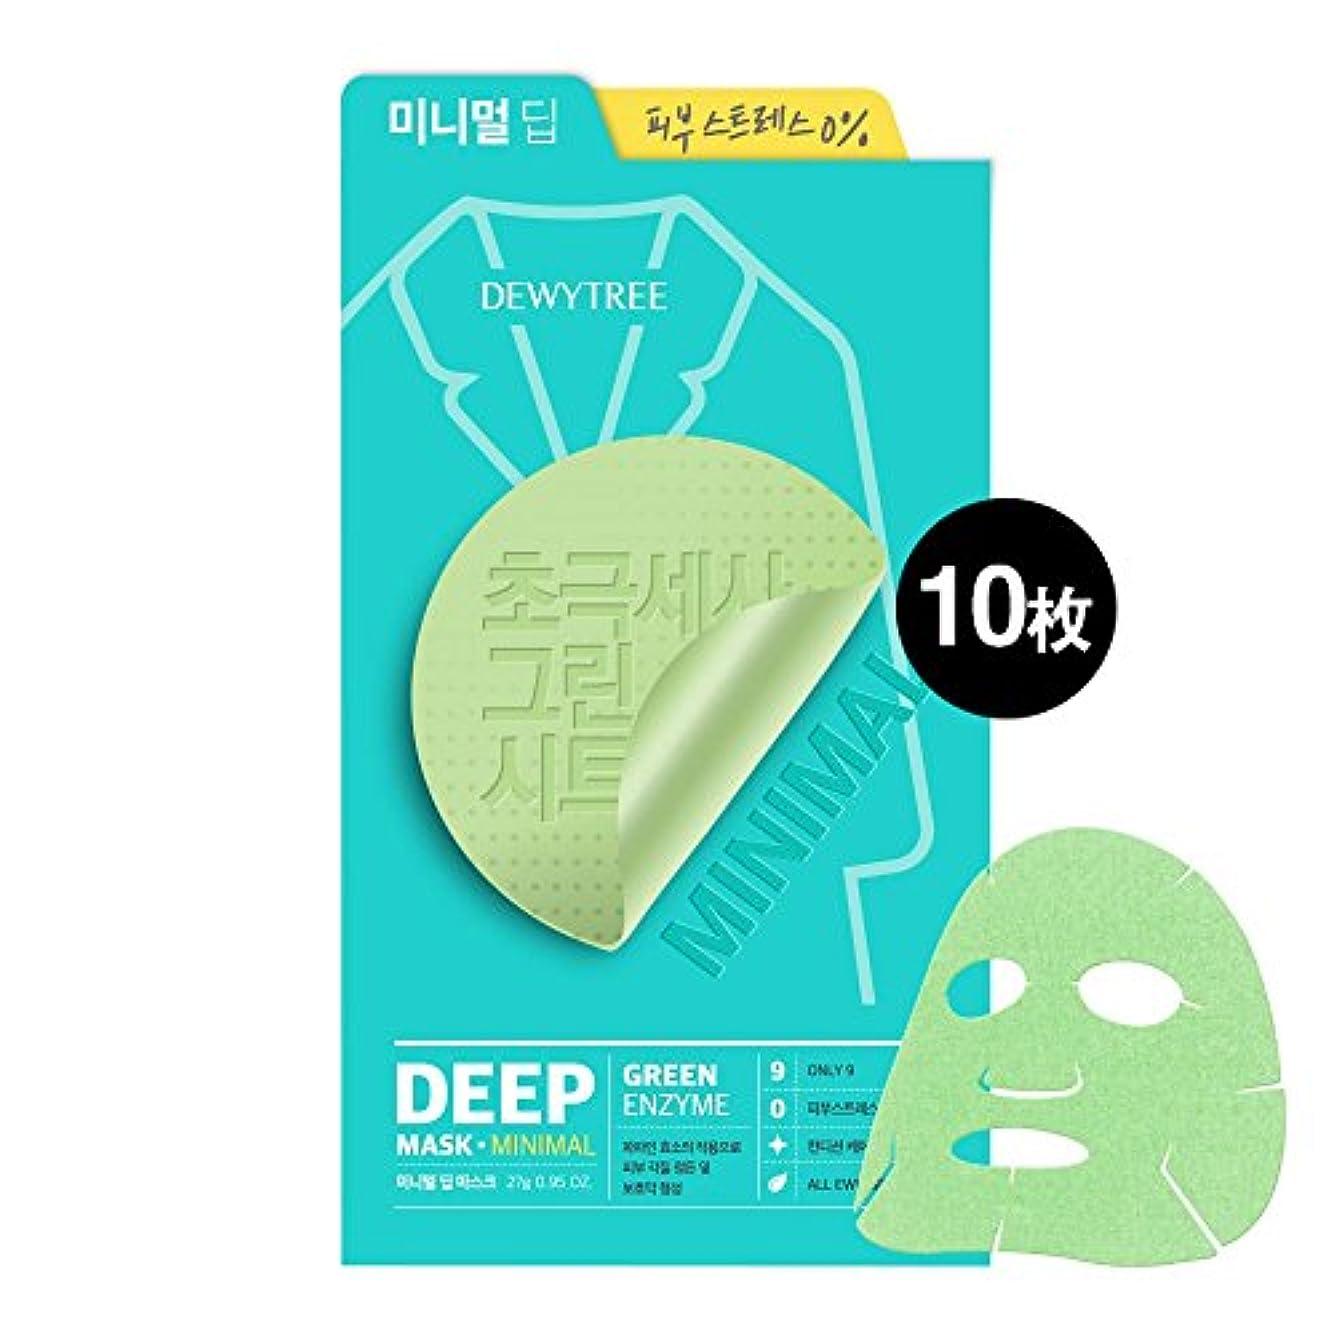 くぼみ平衡の慈悲で(デューイトゥリー) DEWYTREE ミニマルディープマスク 10枚 Minimal Deep Mask 韓国マスクパック (並行輸入品)